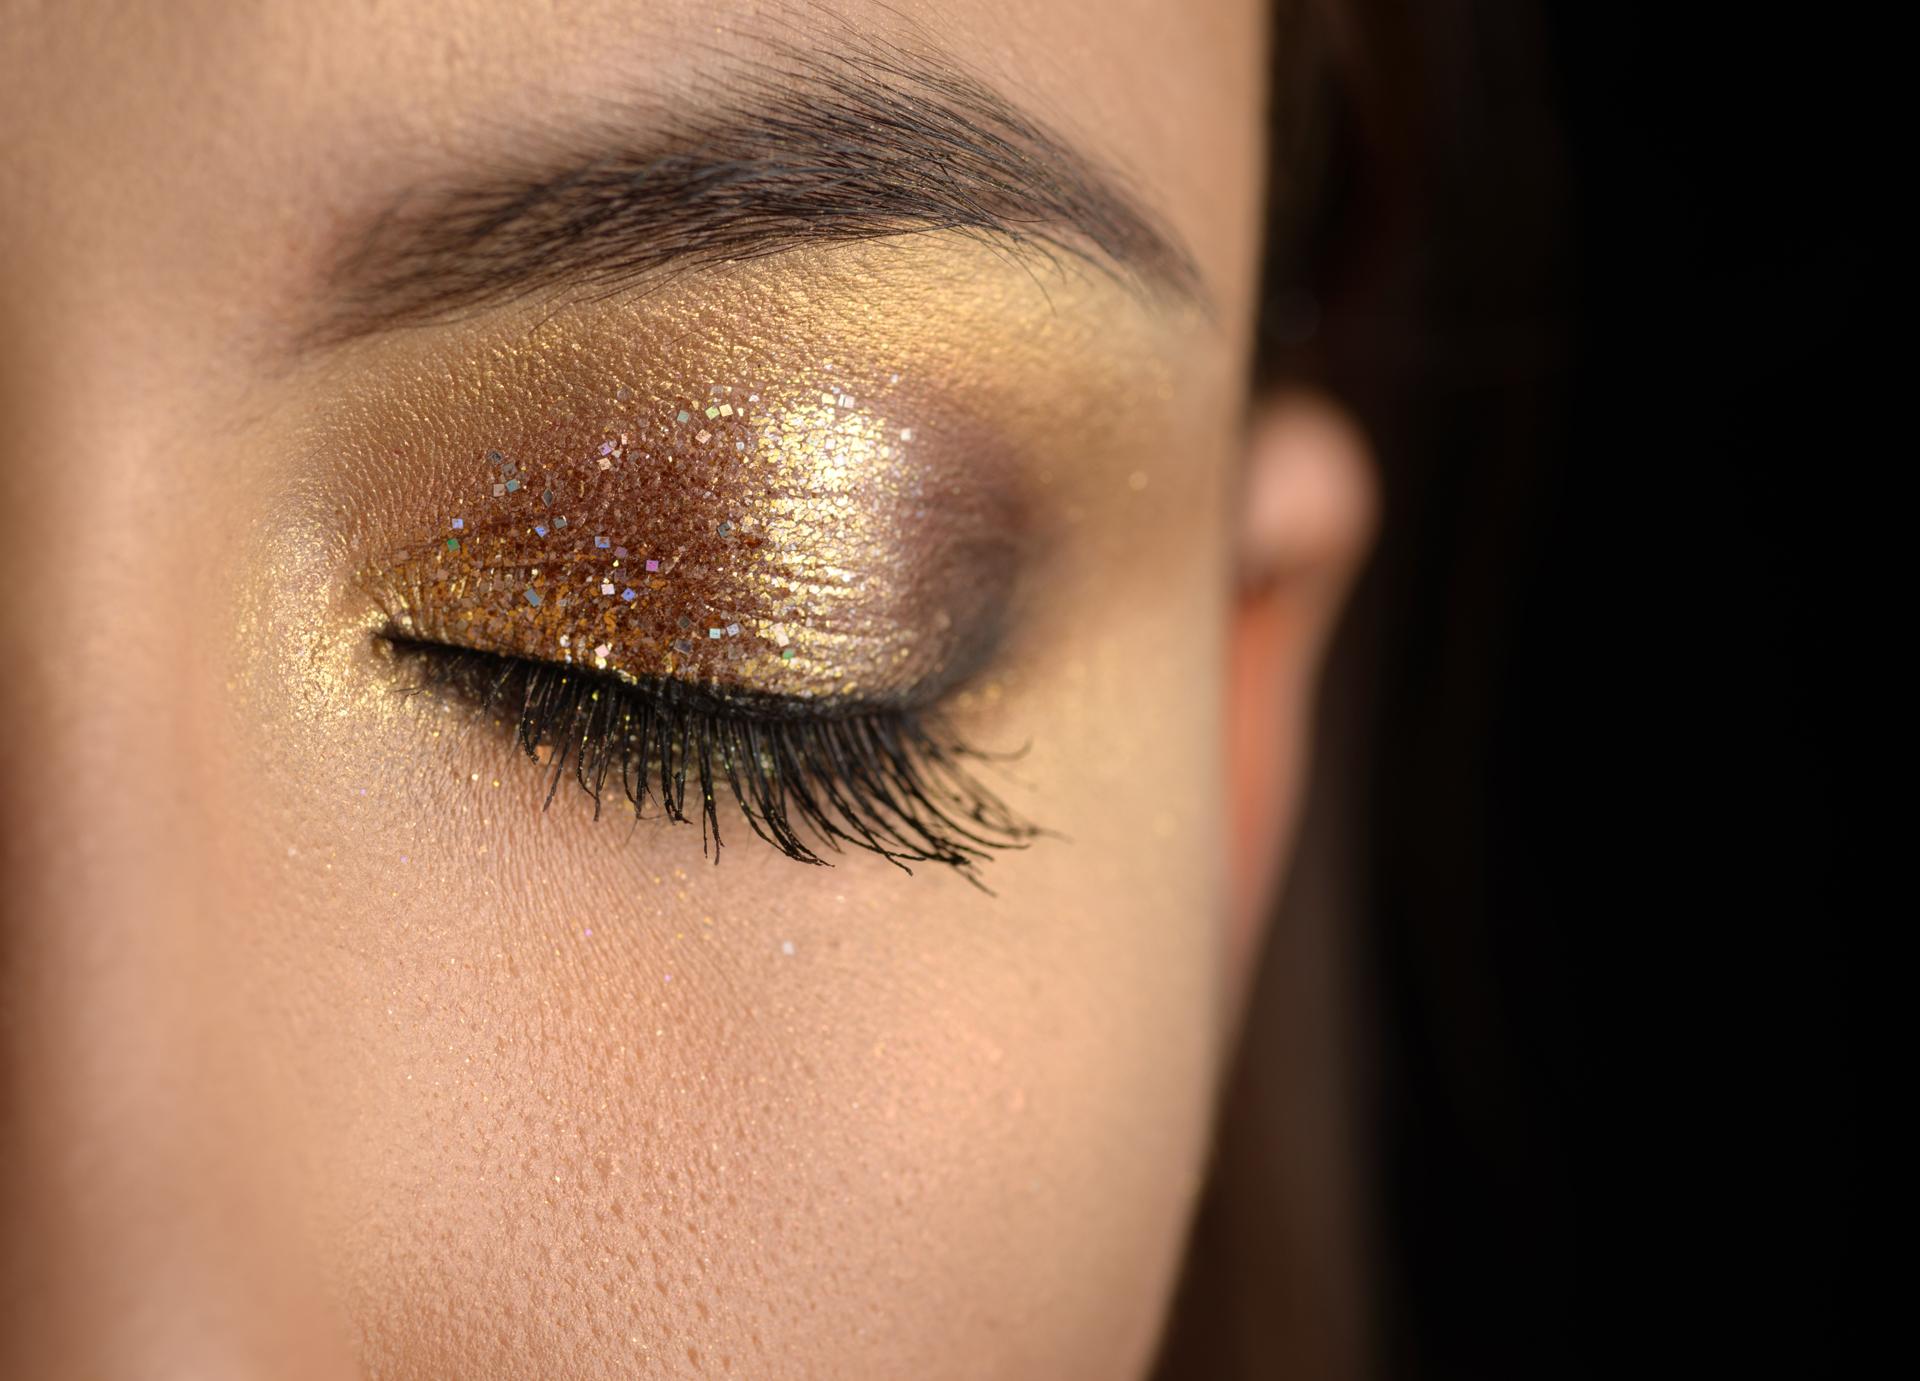 Smokey eye con tonos dorados y negros para lograr un look metalizado (Getty Images)